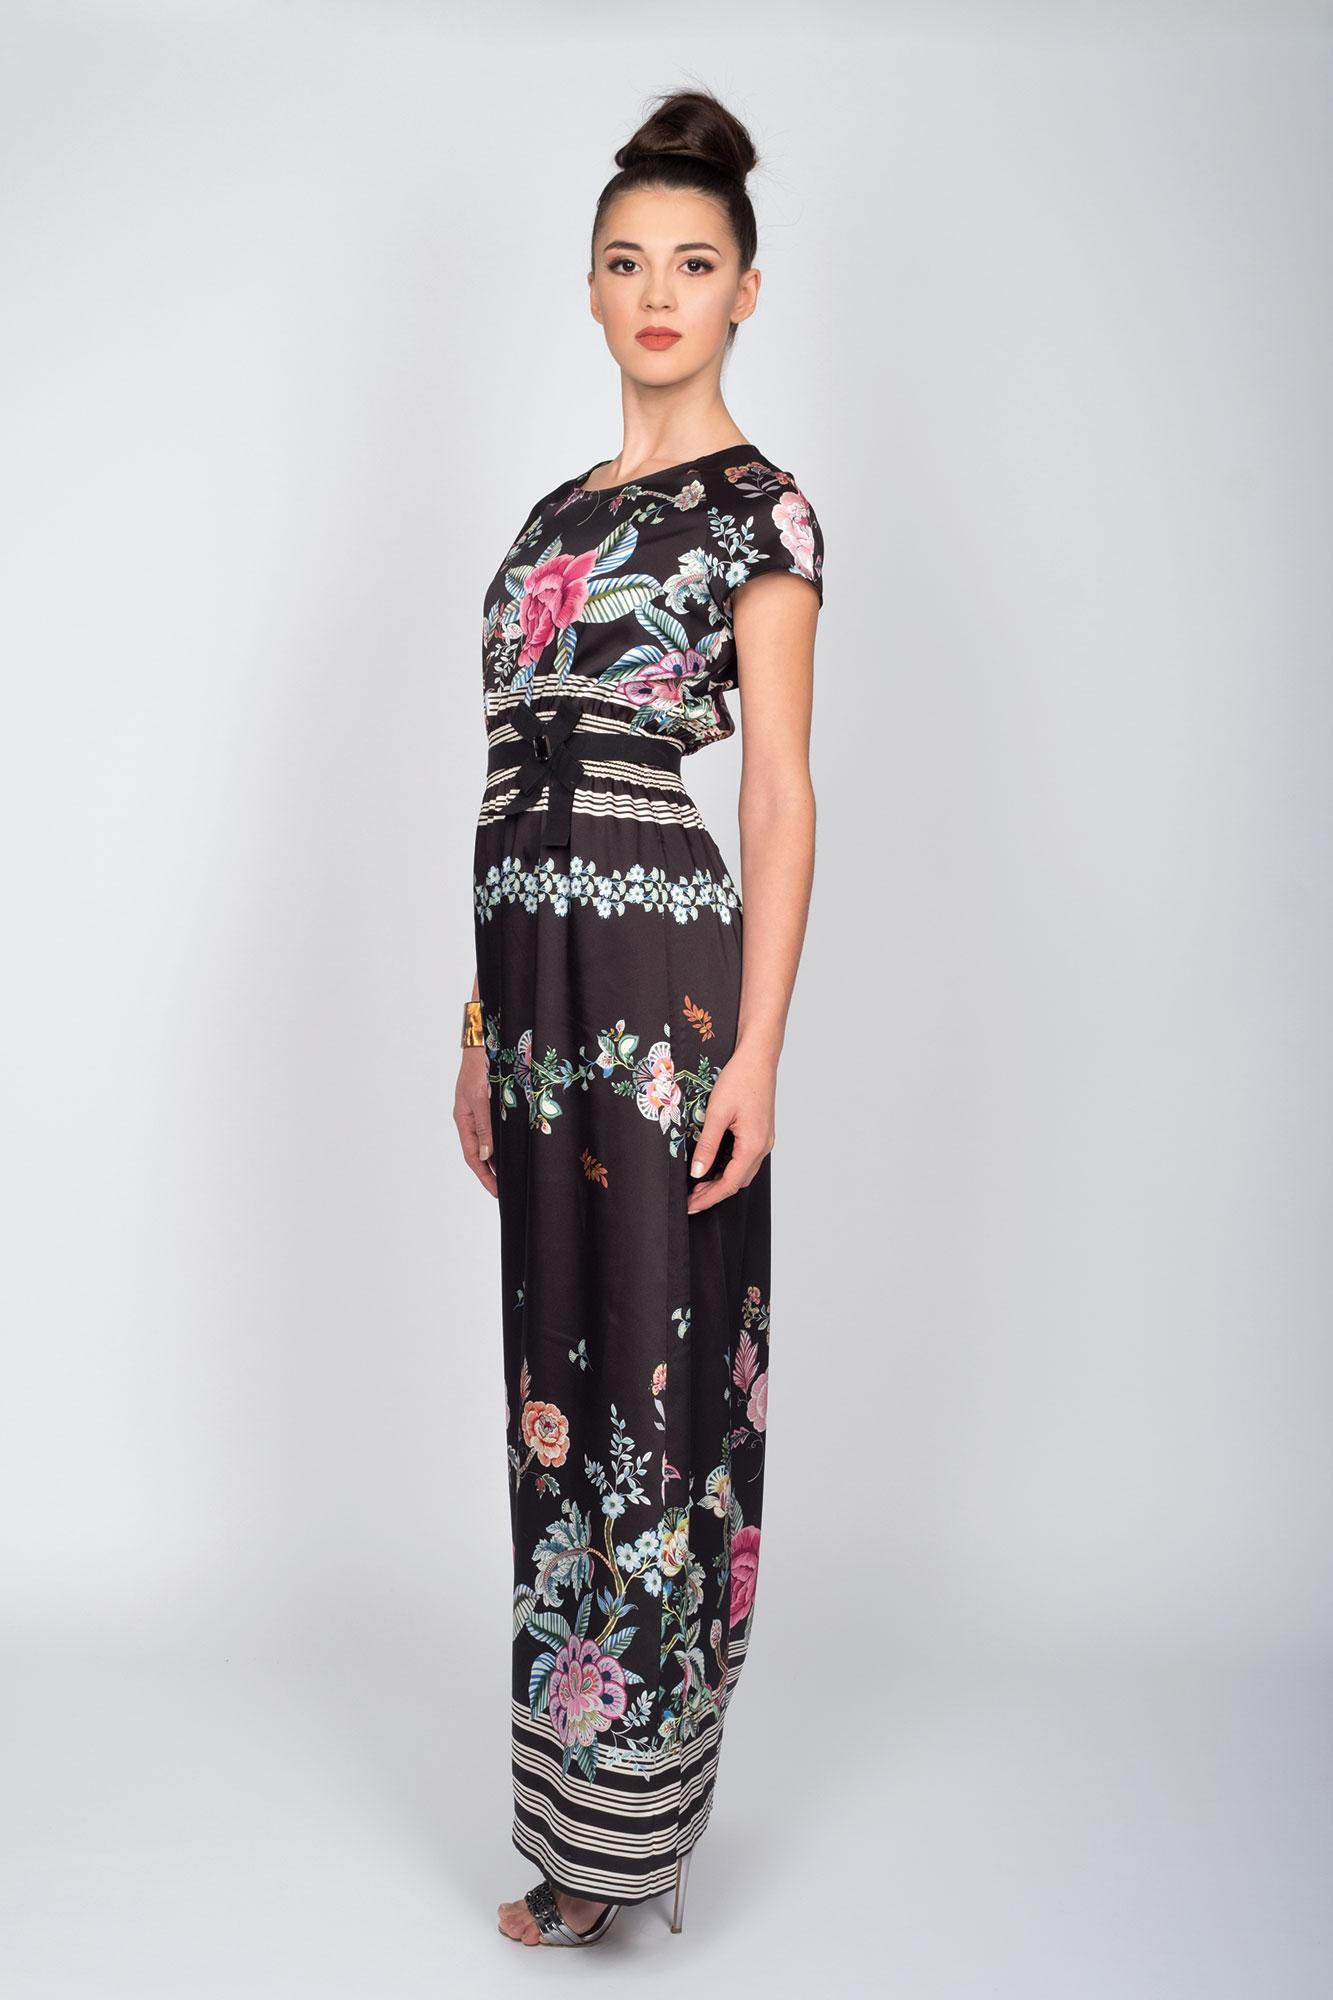 Agenzia modelle Brescia - Creative Models - Servizio fotografico abbigliamento moda - 44